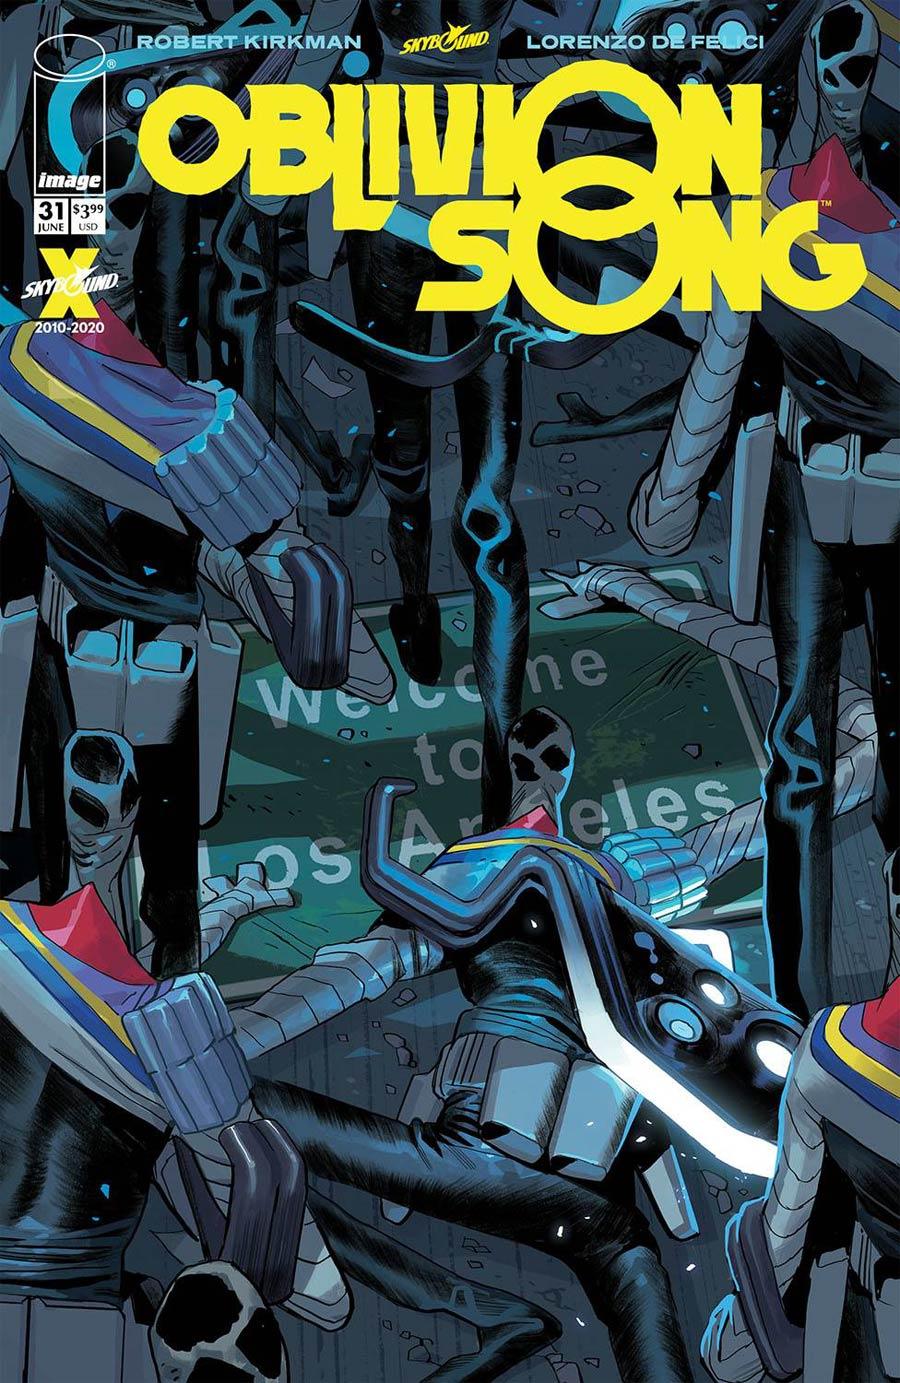 Oblivion Song By Kirkman & De Felici #31 Cover A Regular Lorenzo De Felici Cover